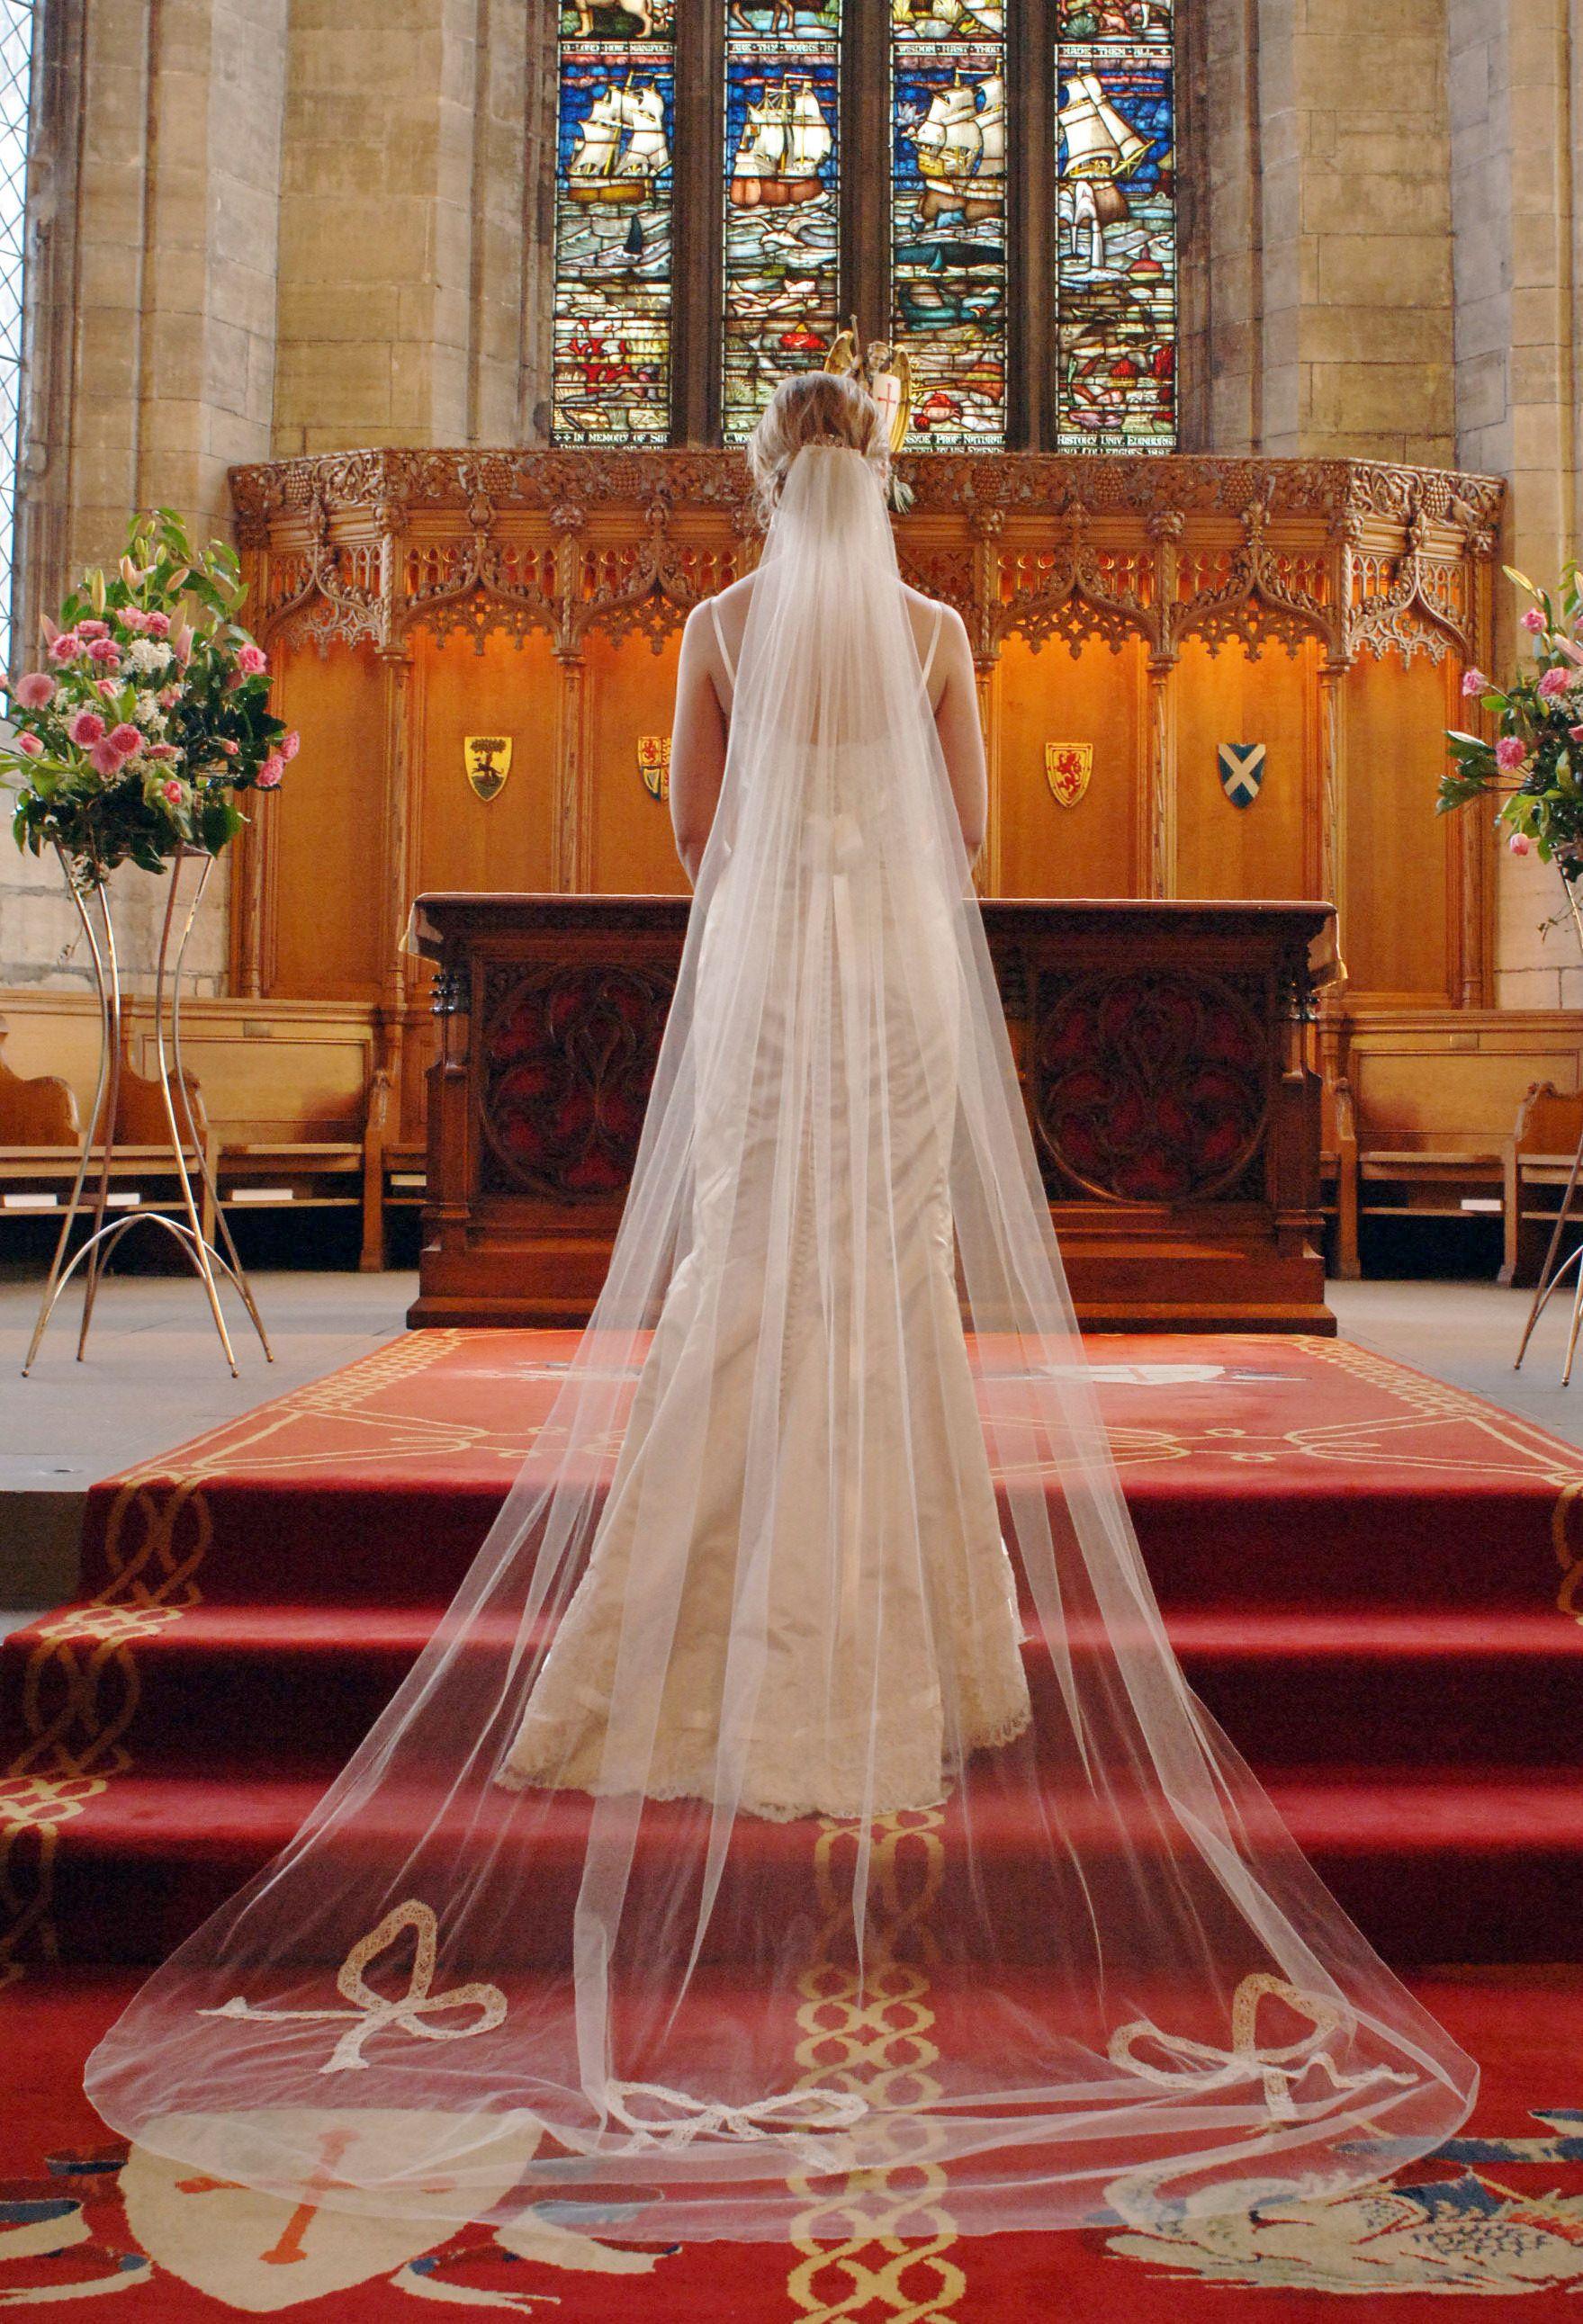 Veils United Kingdom Ann Guise Silk Wedding